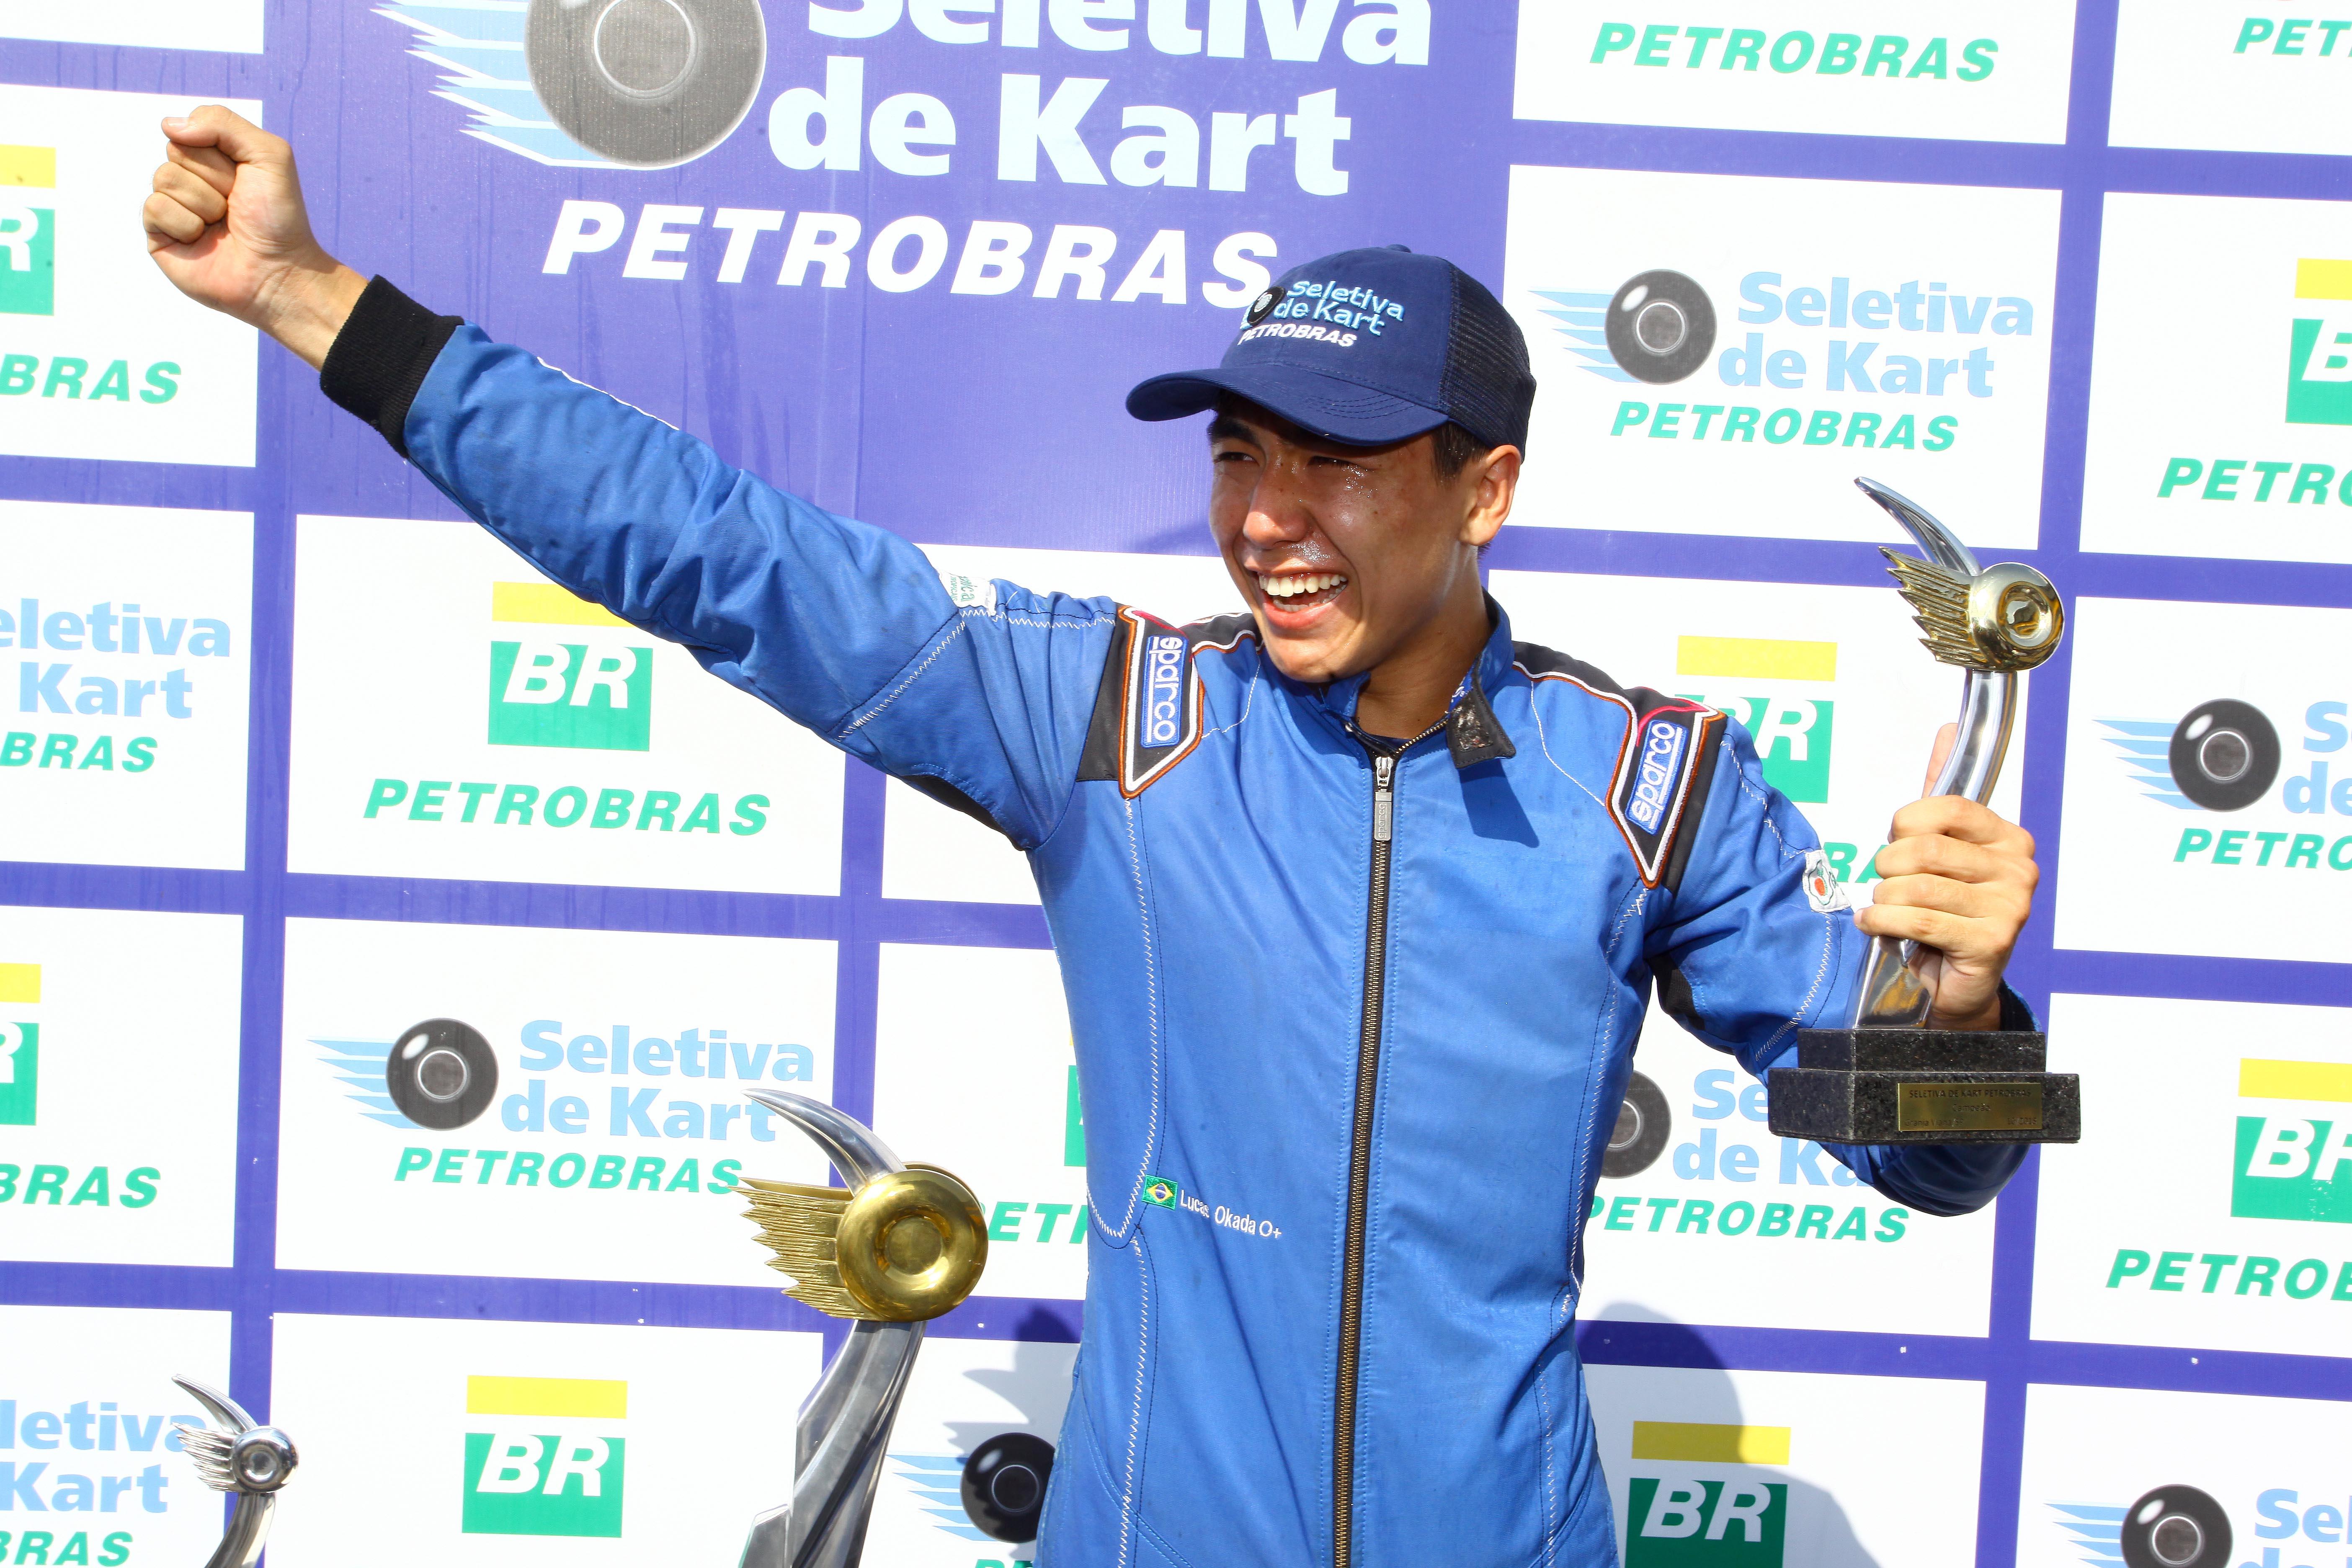 Photo of Kart – Lucas Okada é o campeão da 20ª edição da Seletiva de Kart Petrobras